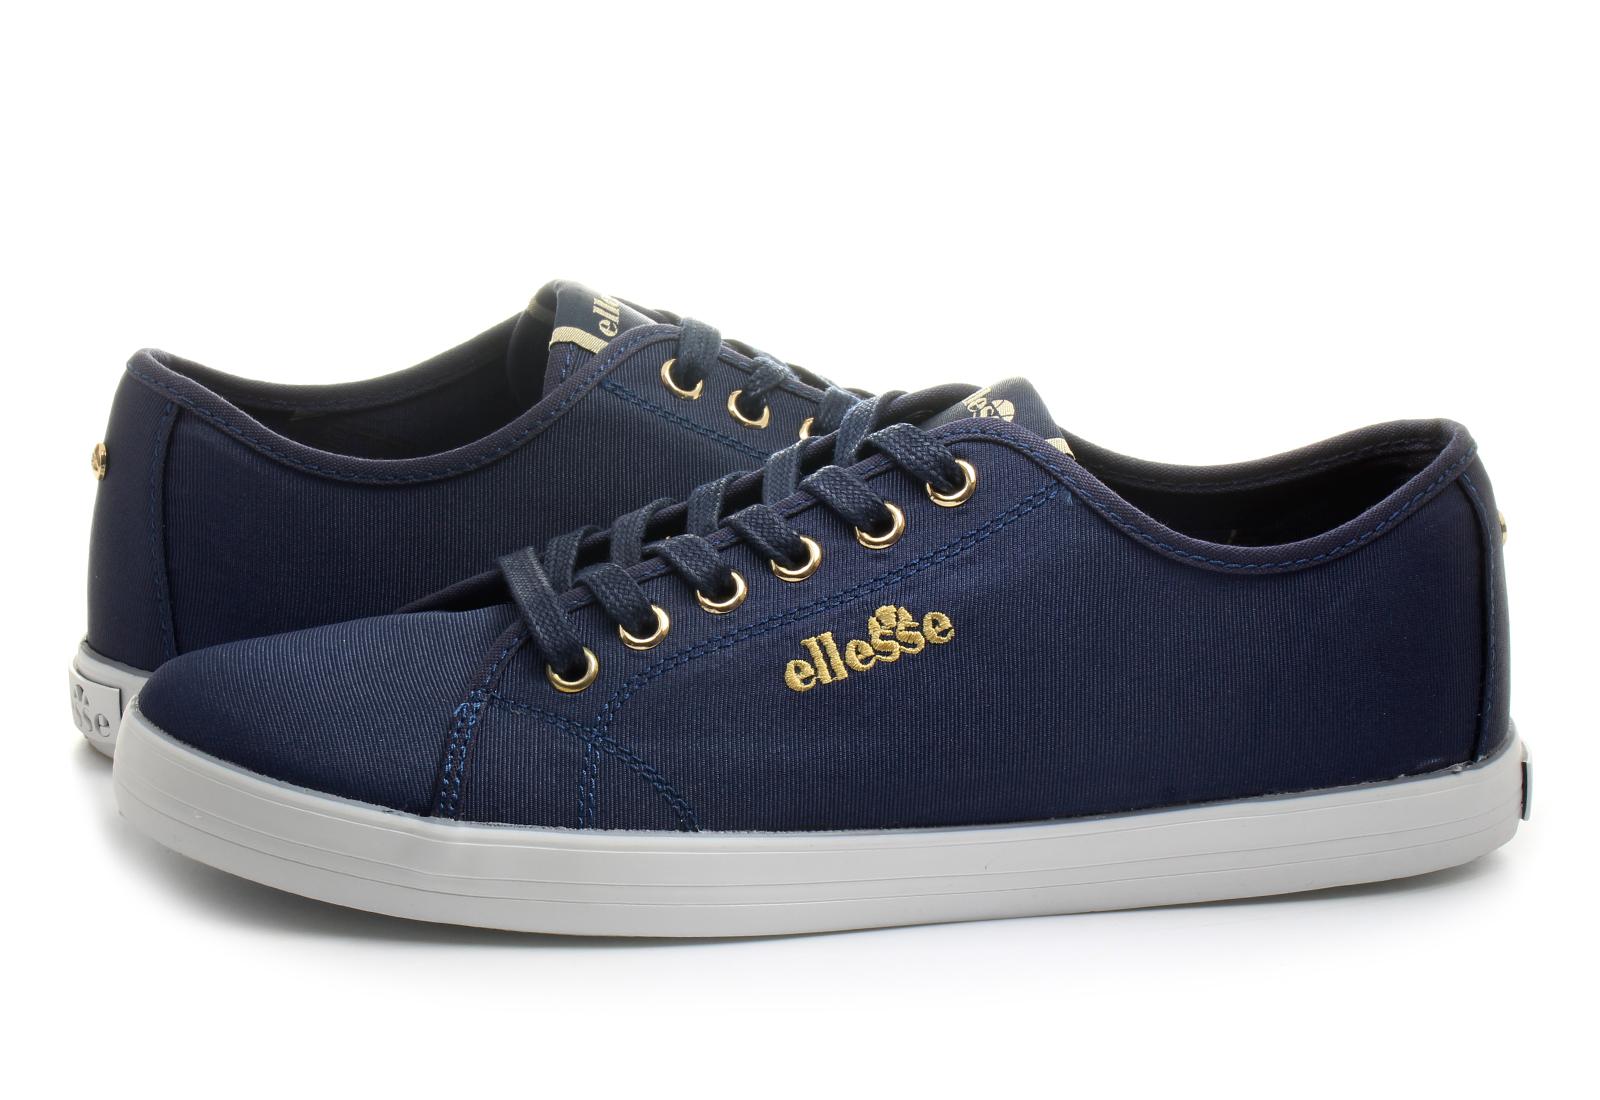 Ellesse Shoes Online Shop